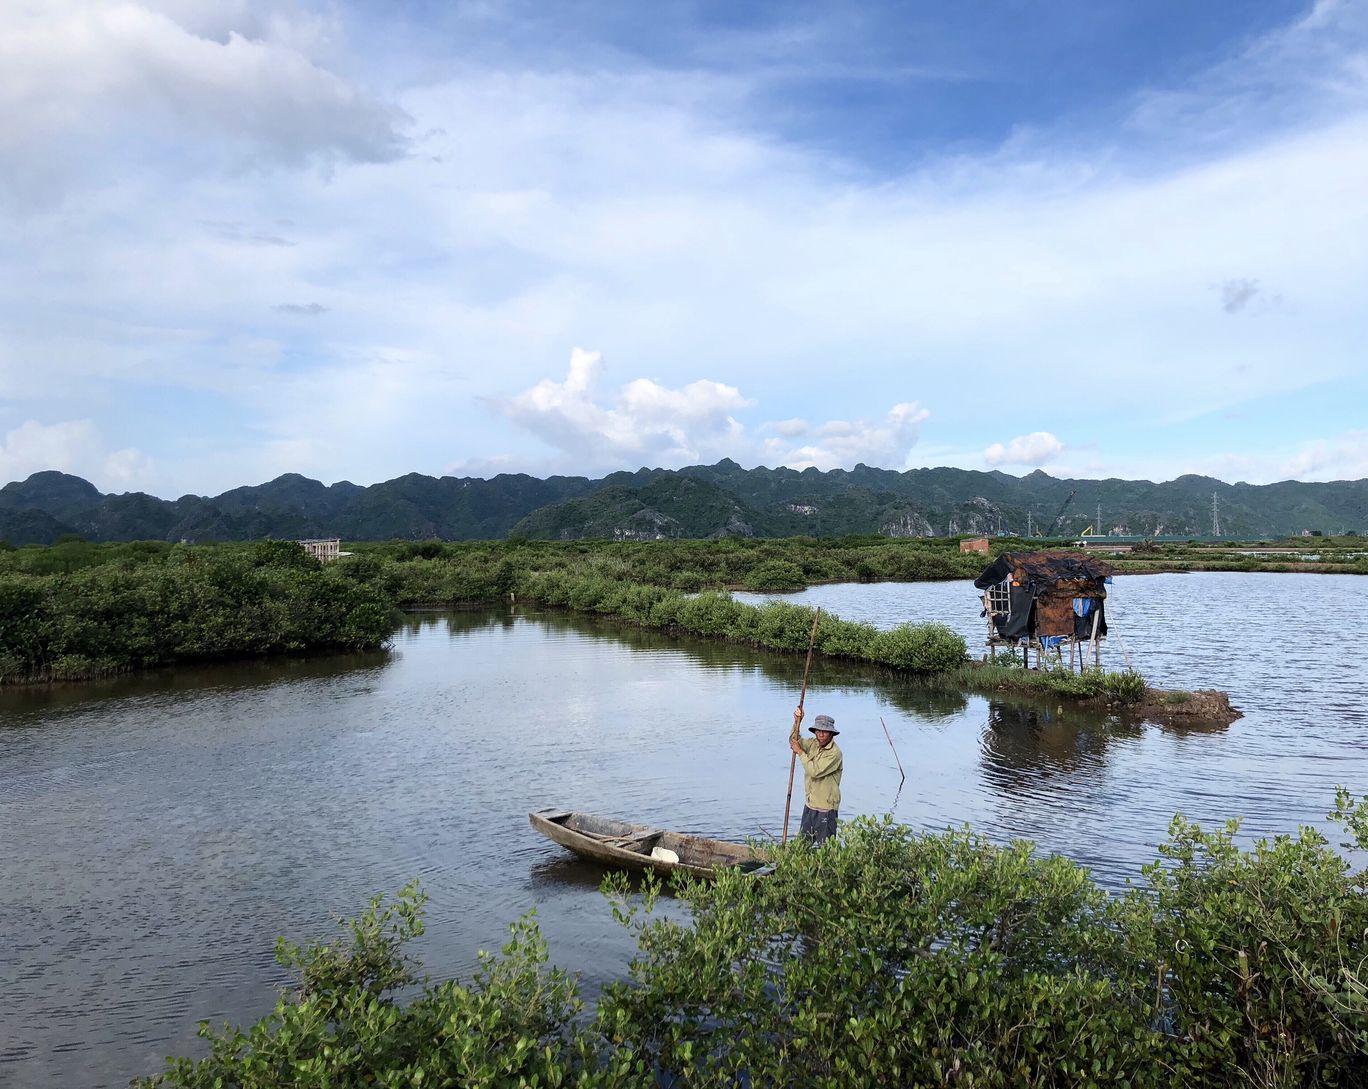 Photo of Vietnam By Anandita Pattnaik